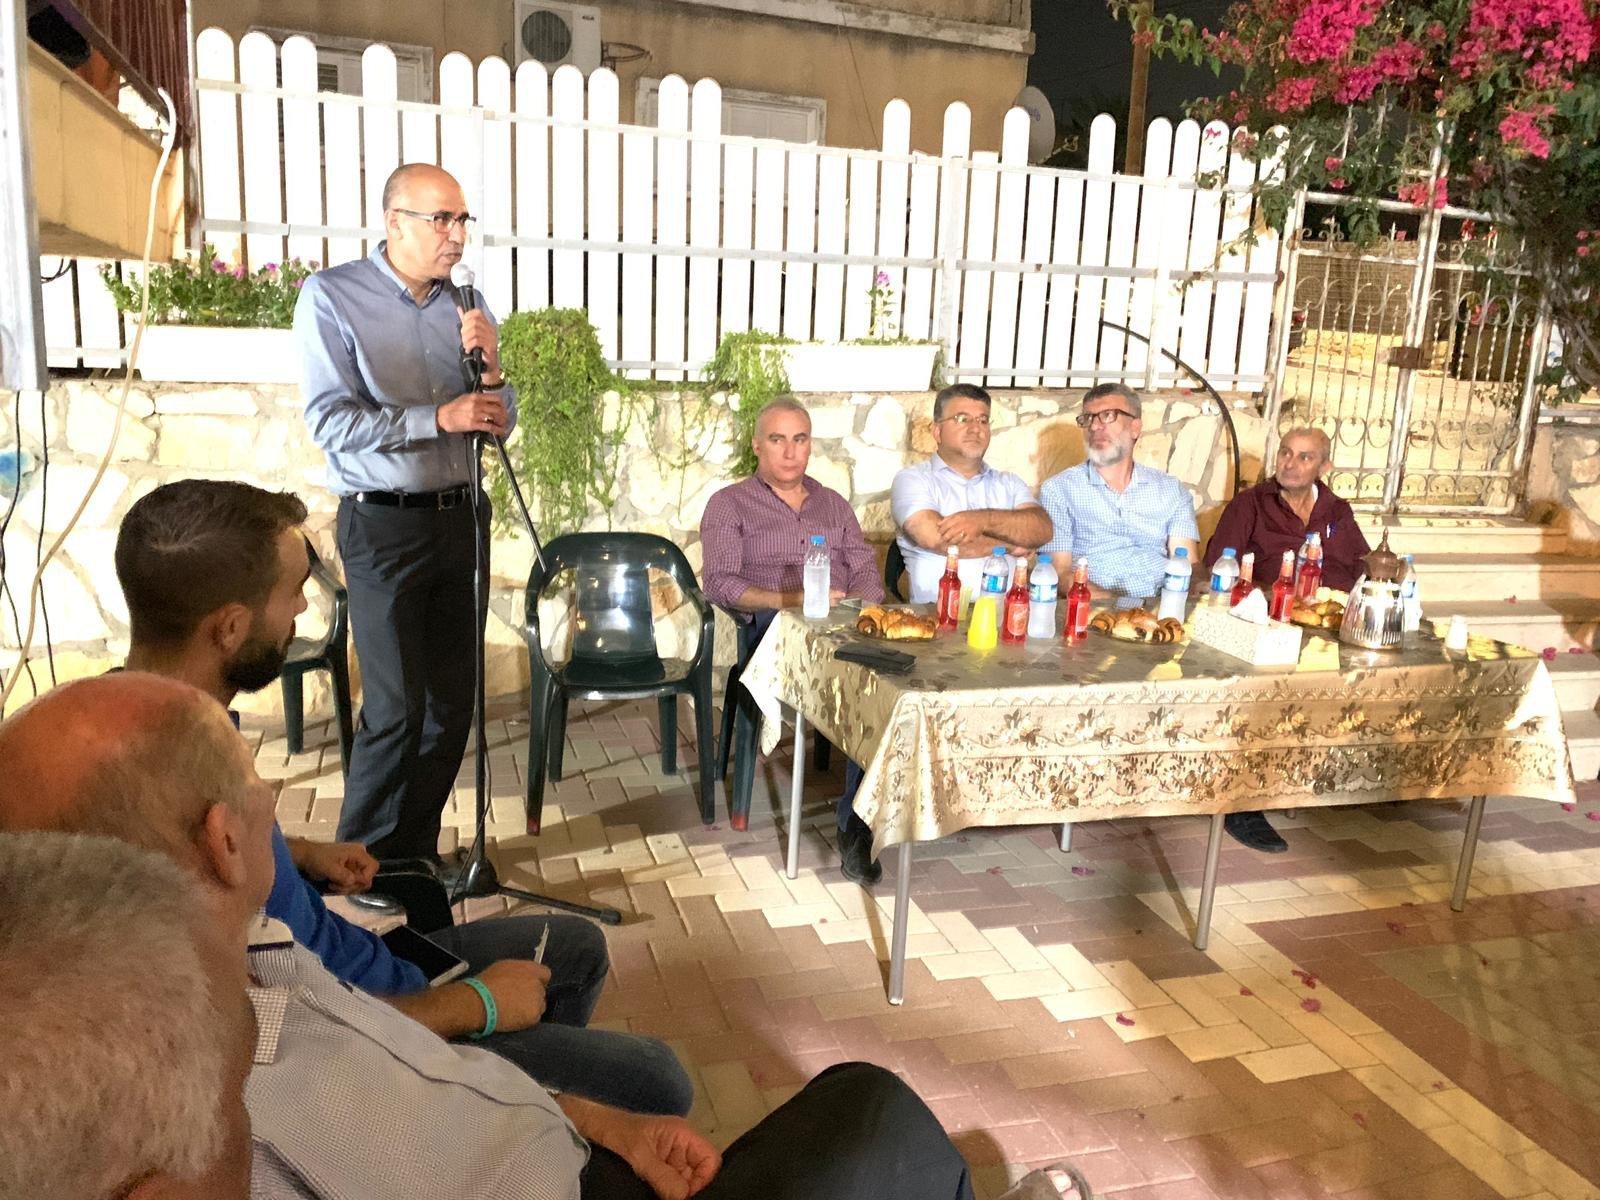 جت: اجتماع لدعم المشتركة بمشاركة وتد وجبارين